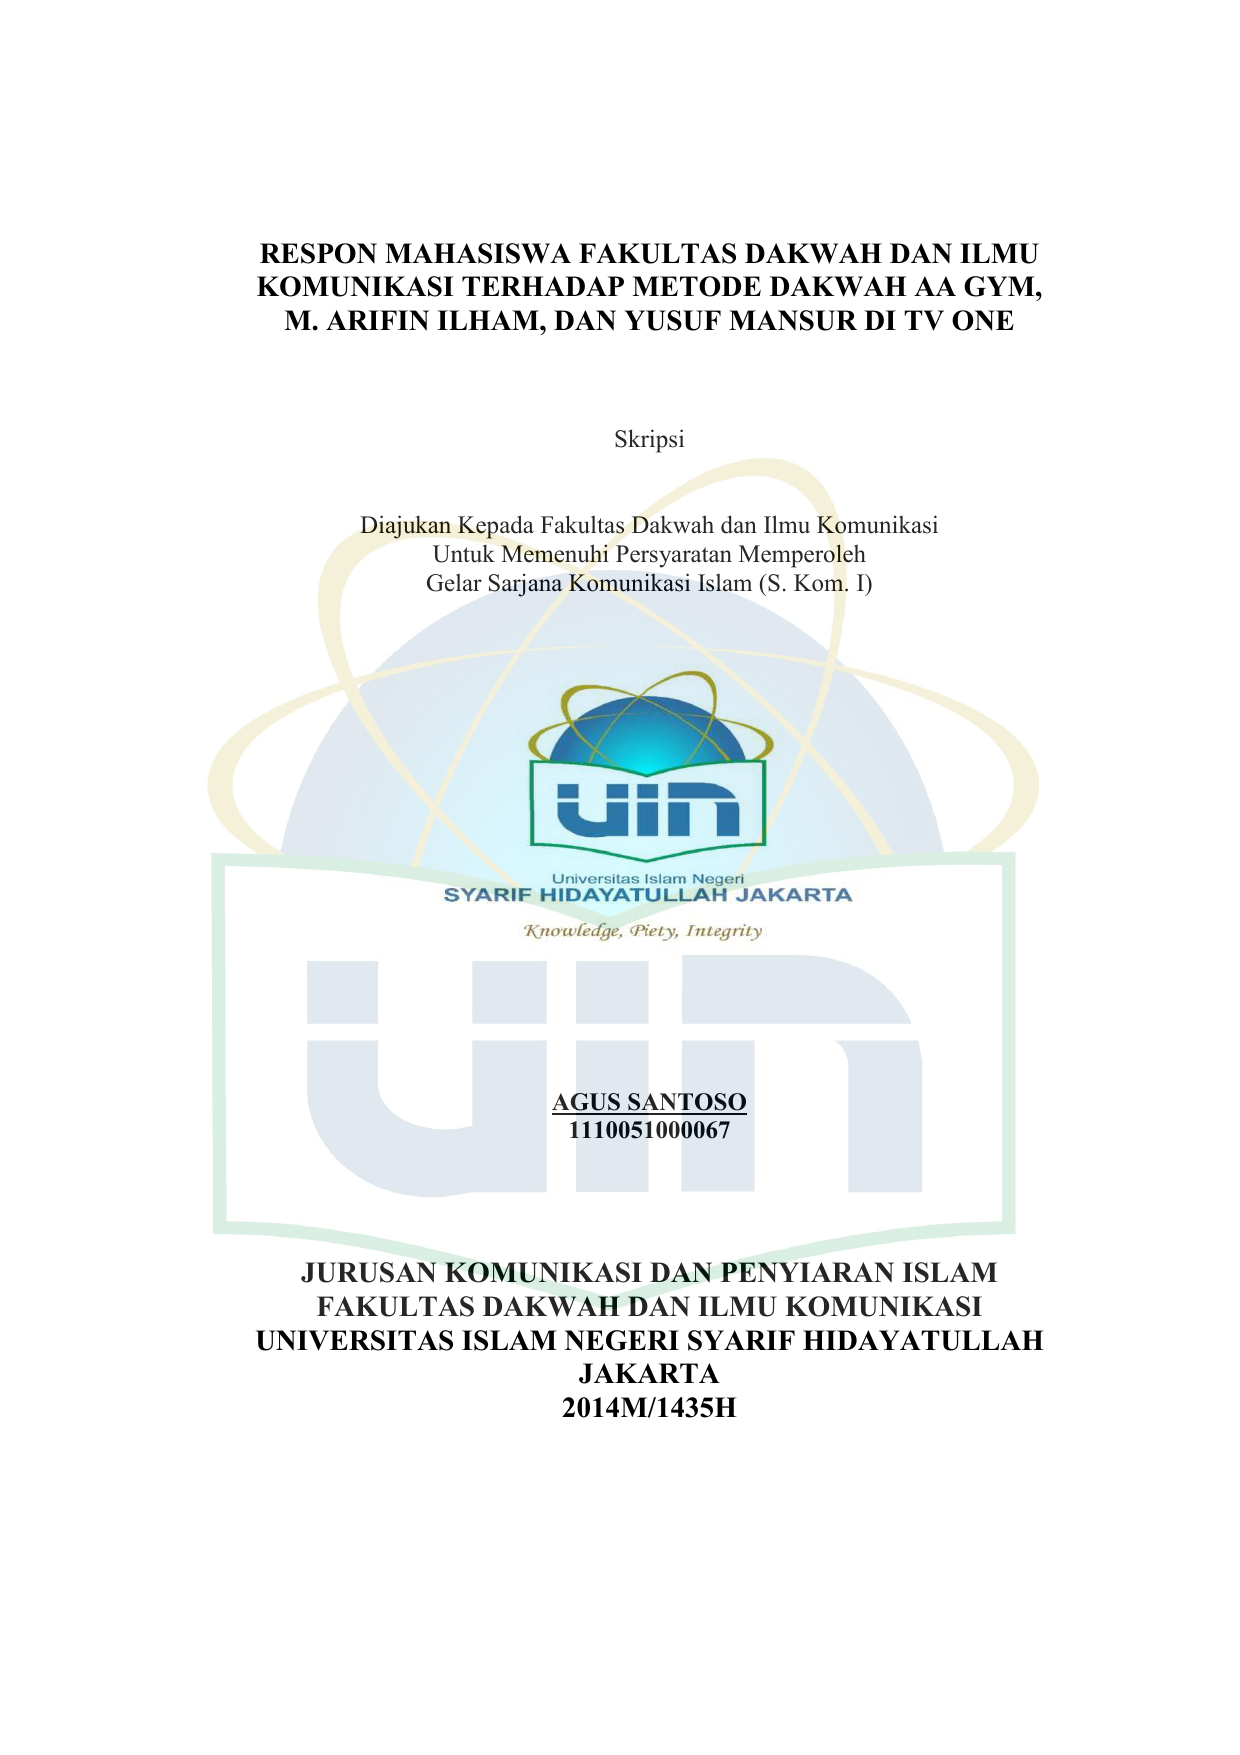 Respon Mahasiswa Fakultas Dakwah Dan Ilmu Komunikasi Terhadap